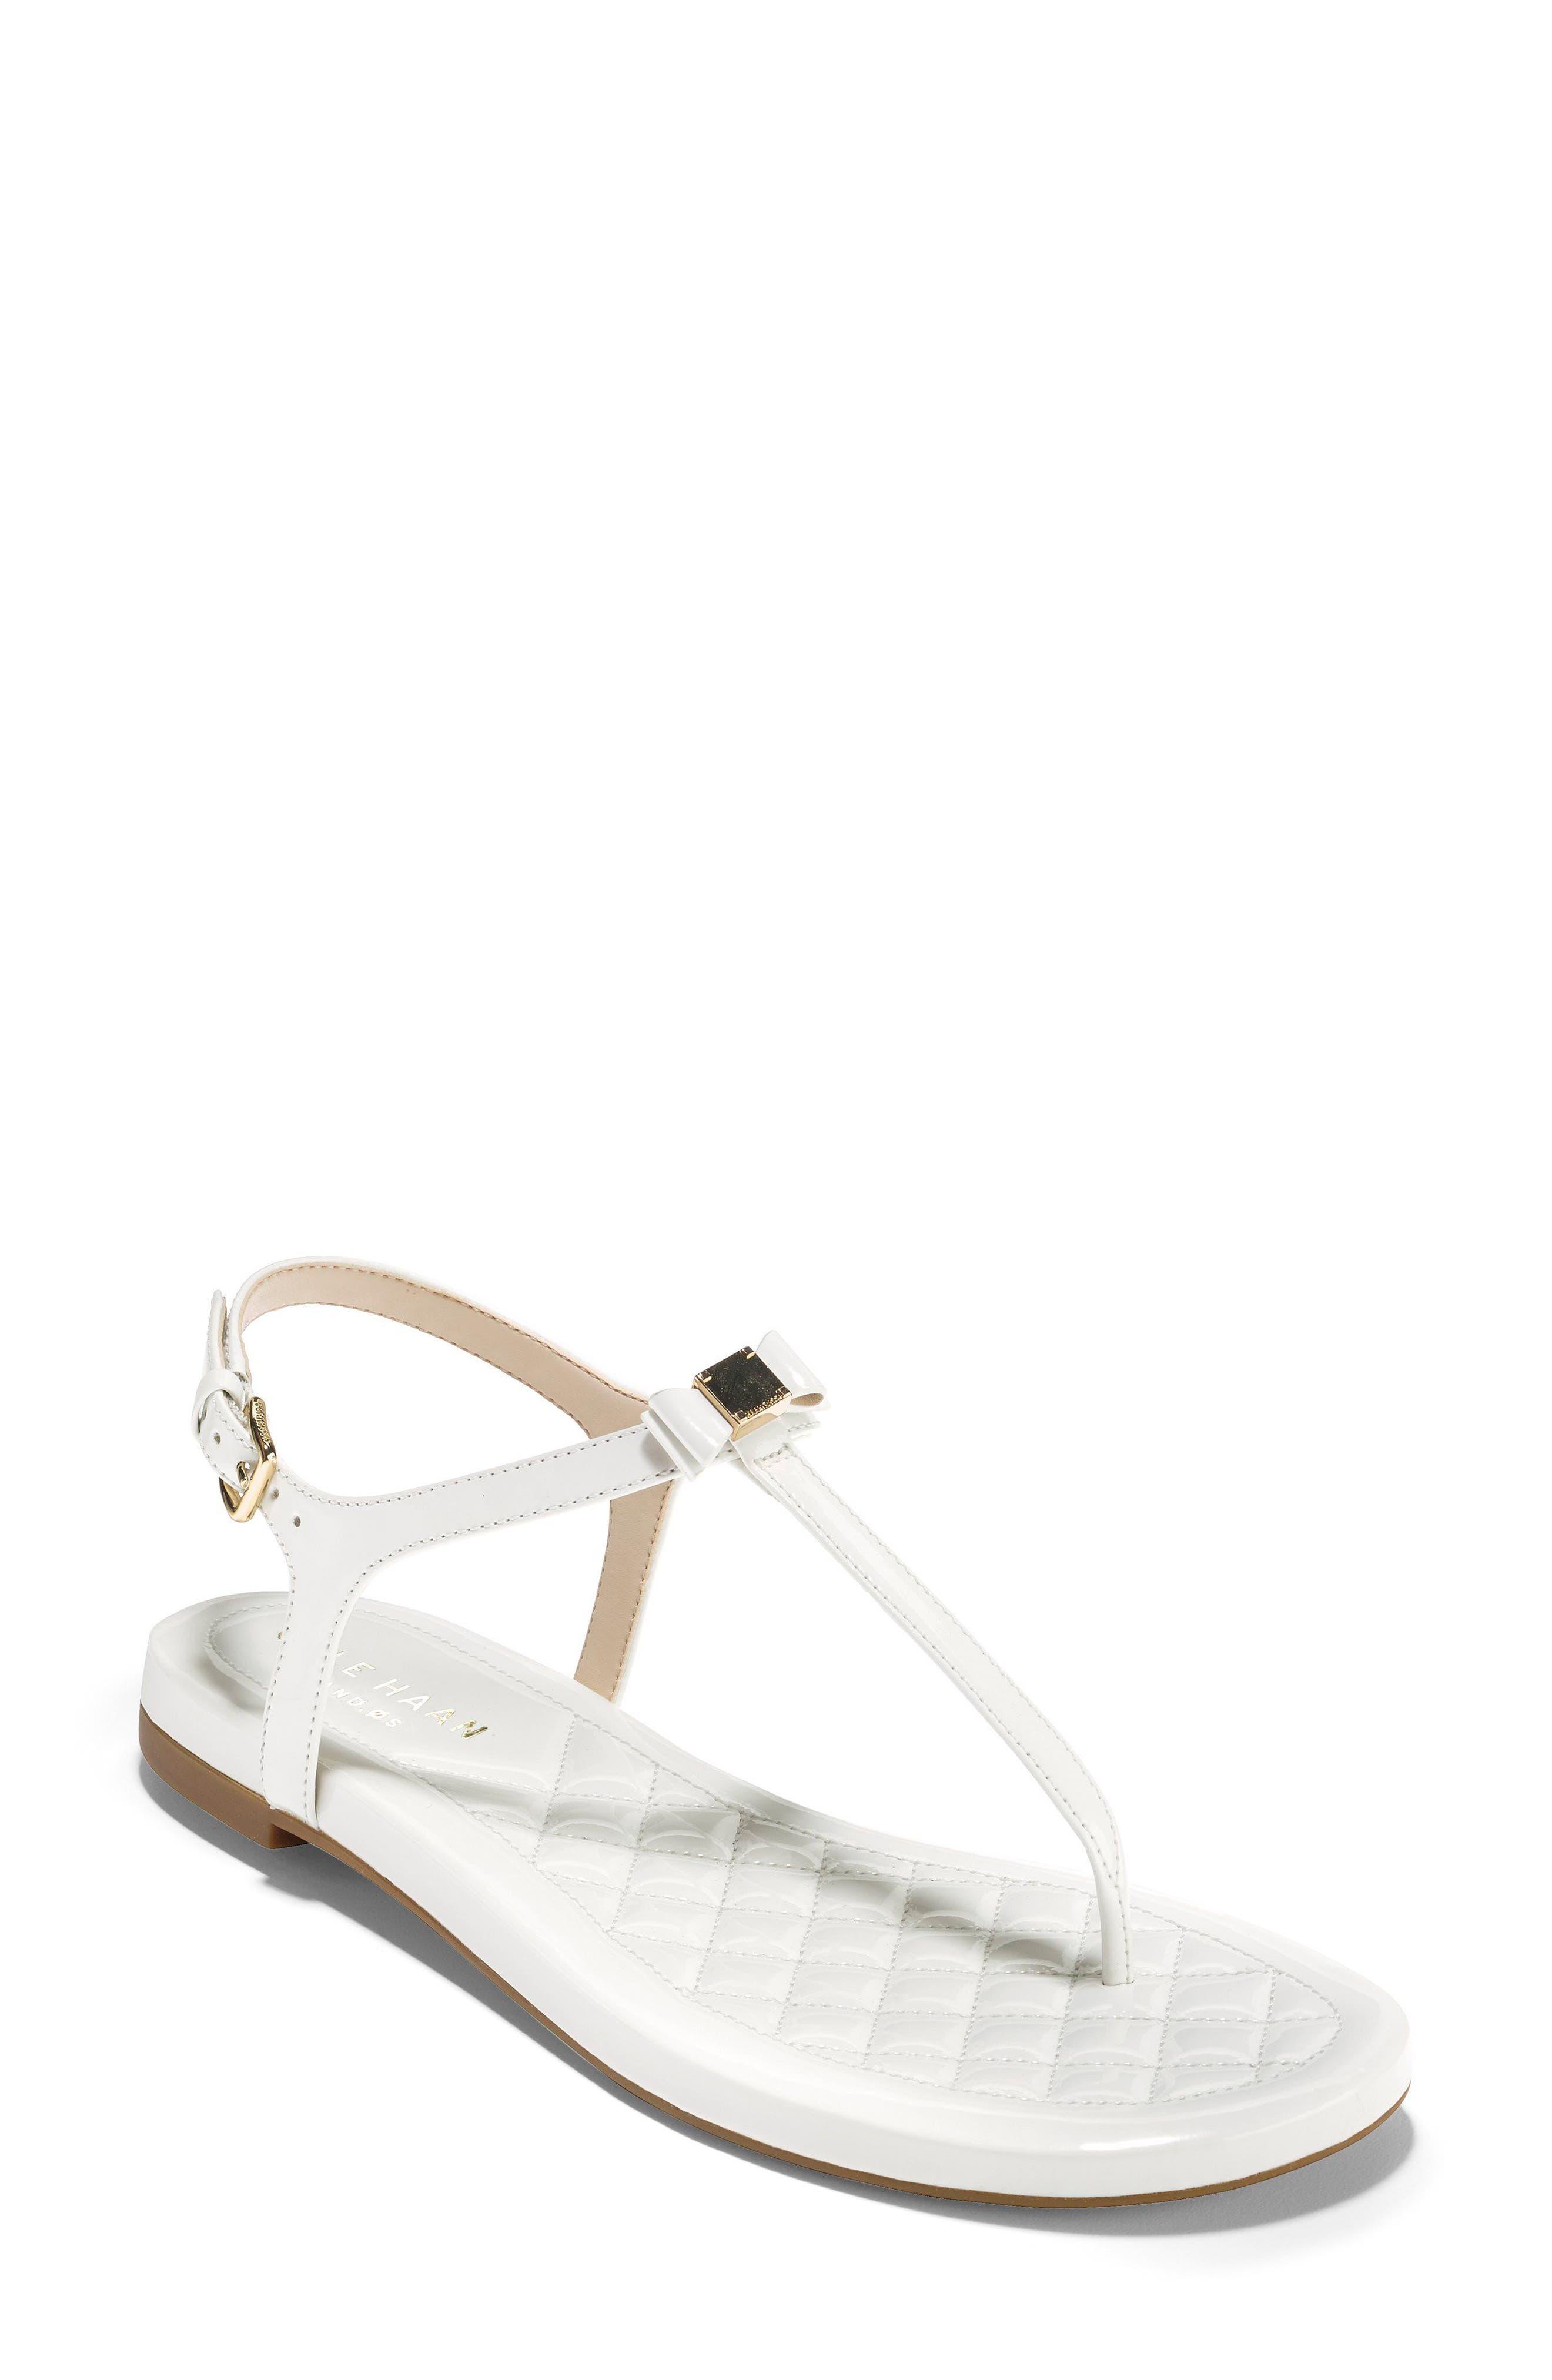 Tali Bow Sandal,                             Main thumbnail 1, color,                             Optic White Patent